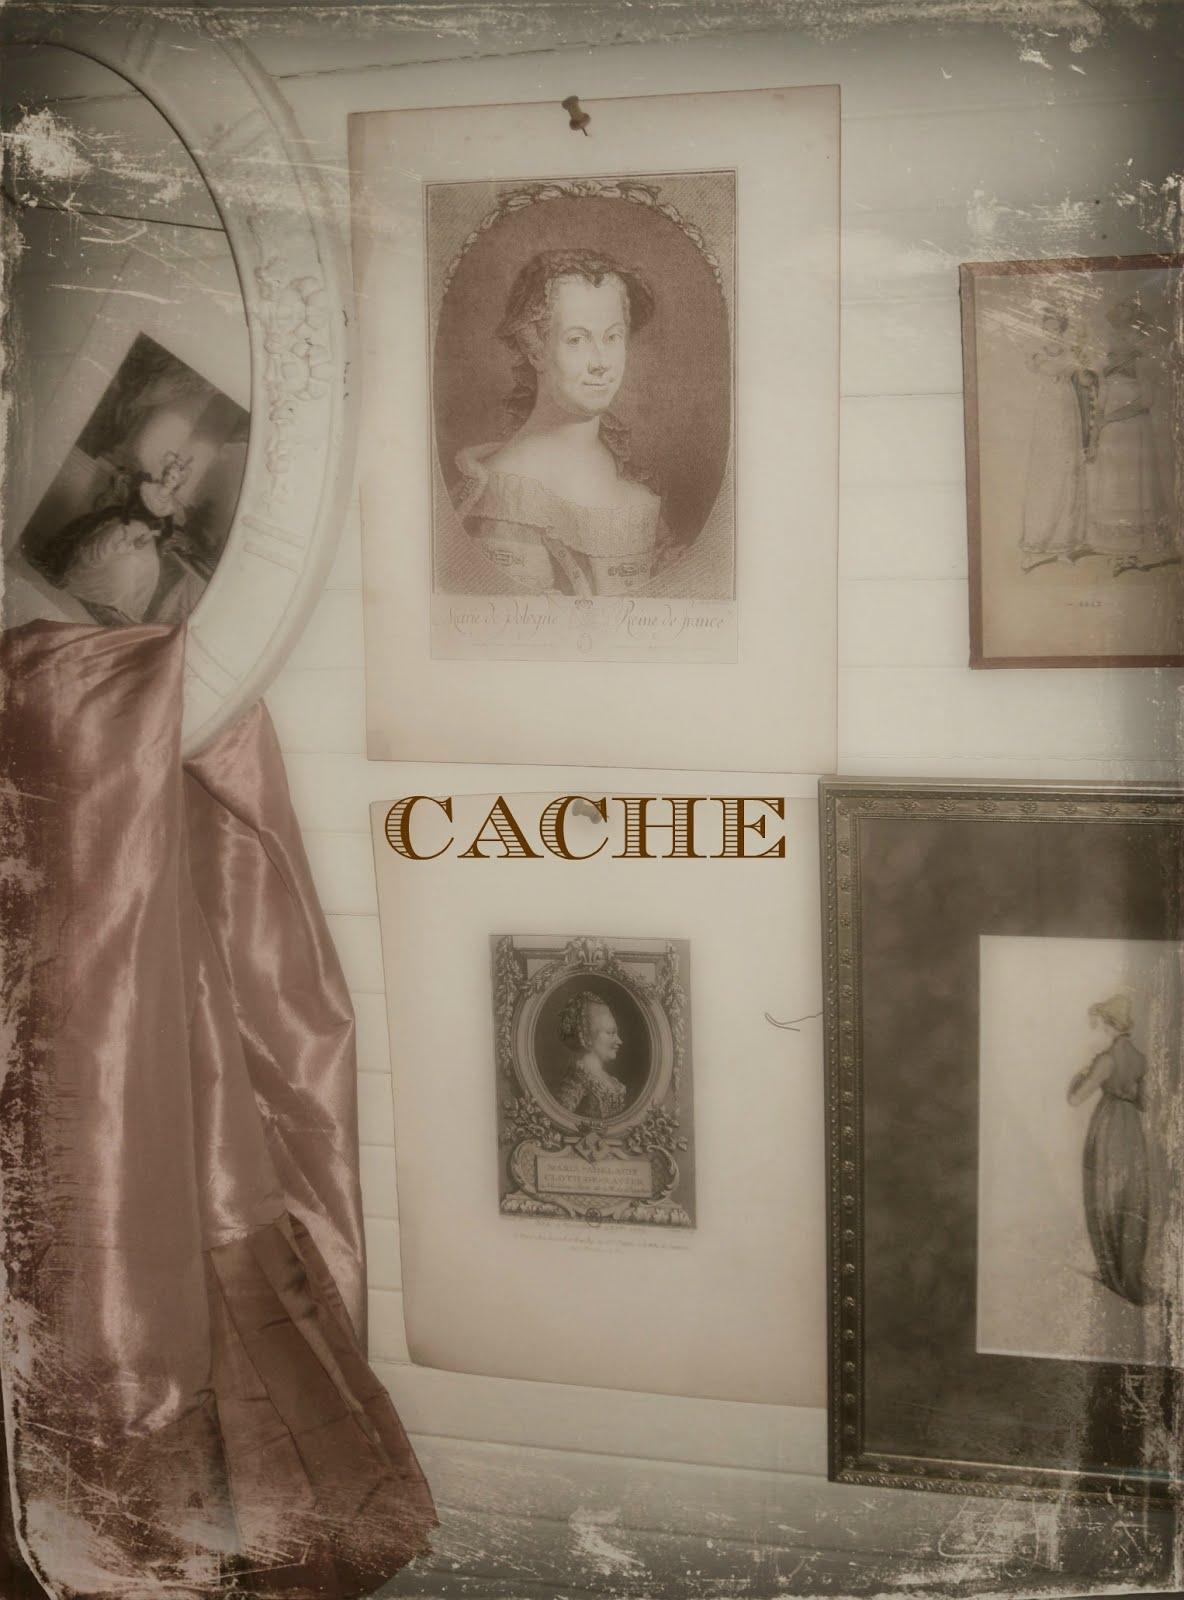 SHOP CACHE